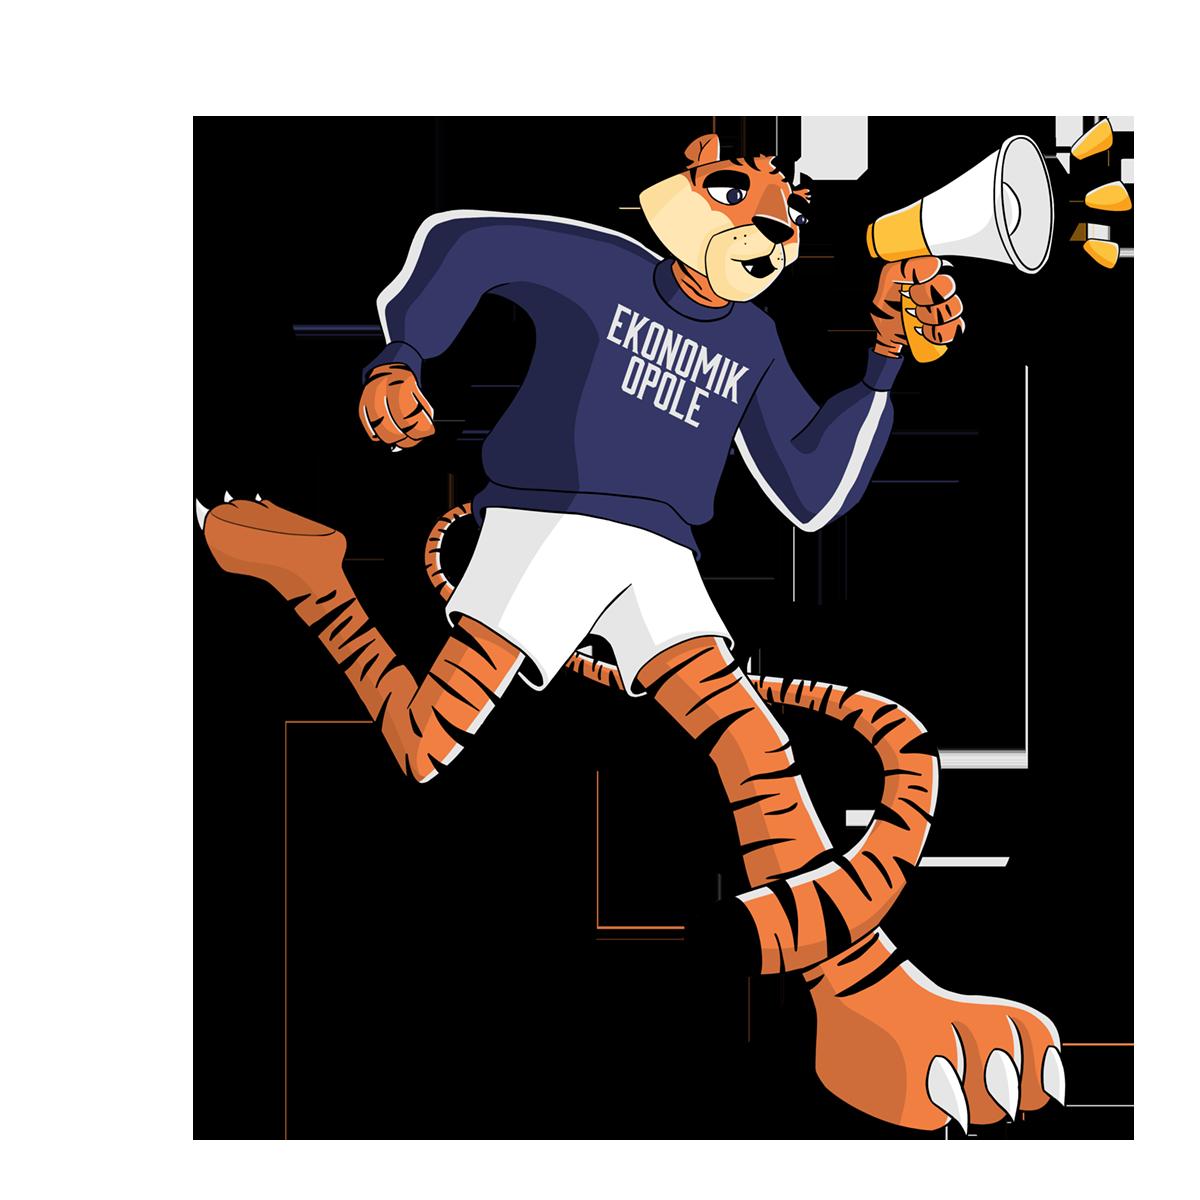 Tygrys Ekonomika